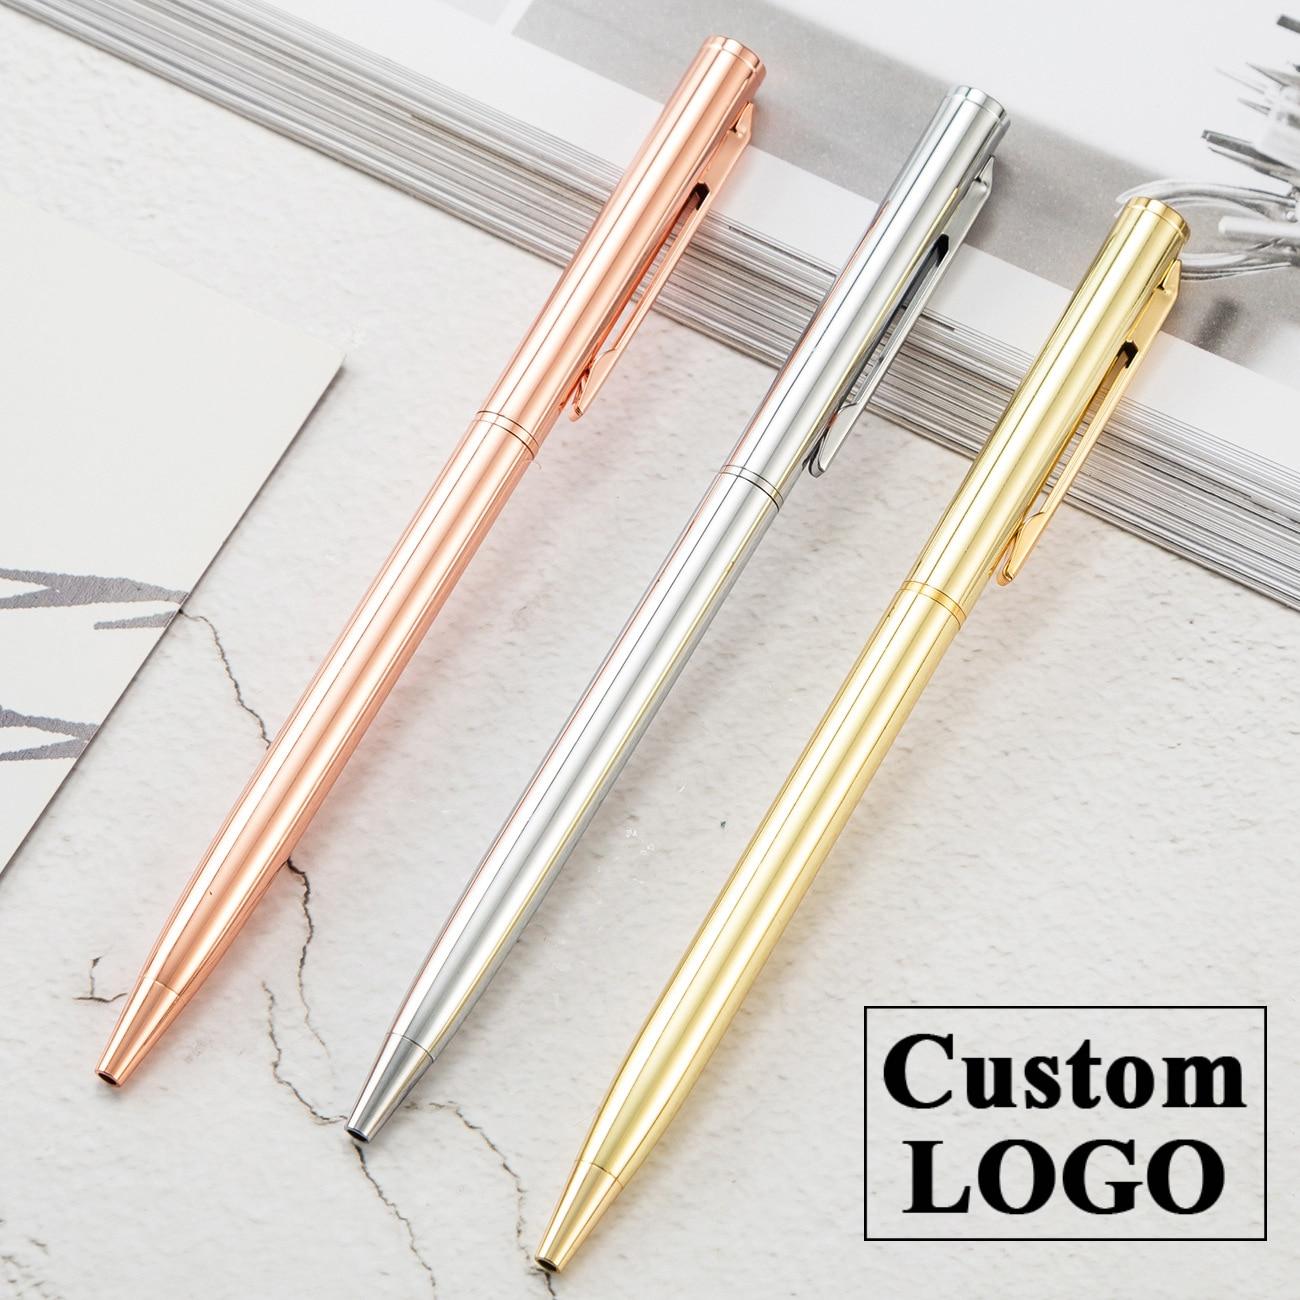 Luxury Rose Gold Pen Metal Ballpoint Pen Custom Logo Advertising Ballpoint Pen School&office Supplies Lettering Engraved Name